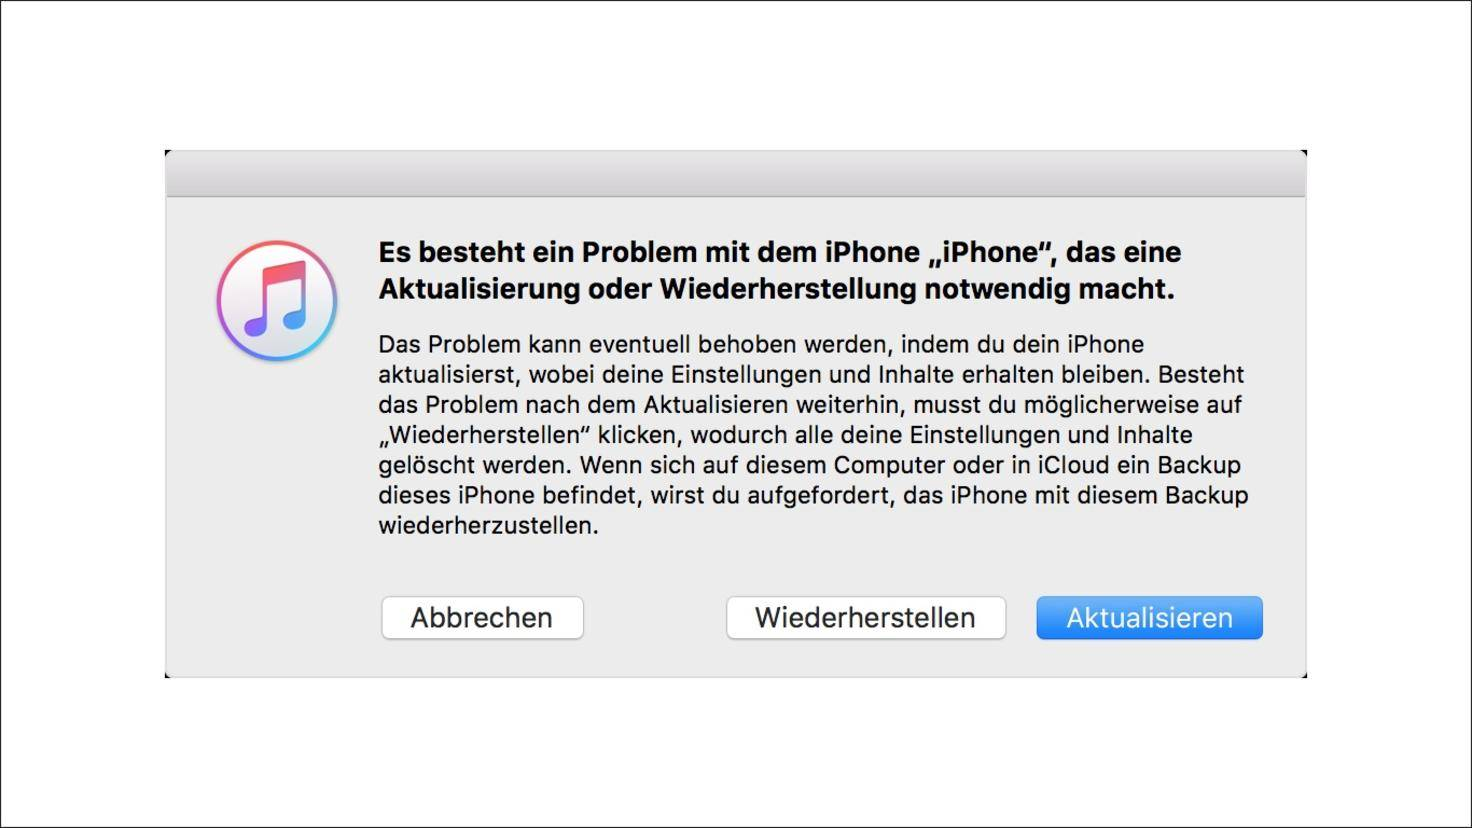 iTunes-Aktualisieren-Wiederherstellen-iPhone-Wartungsmodus